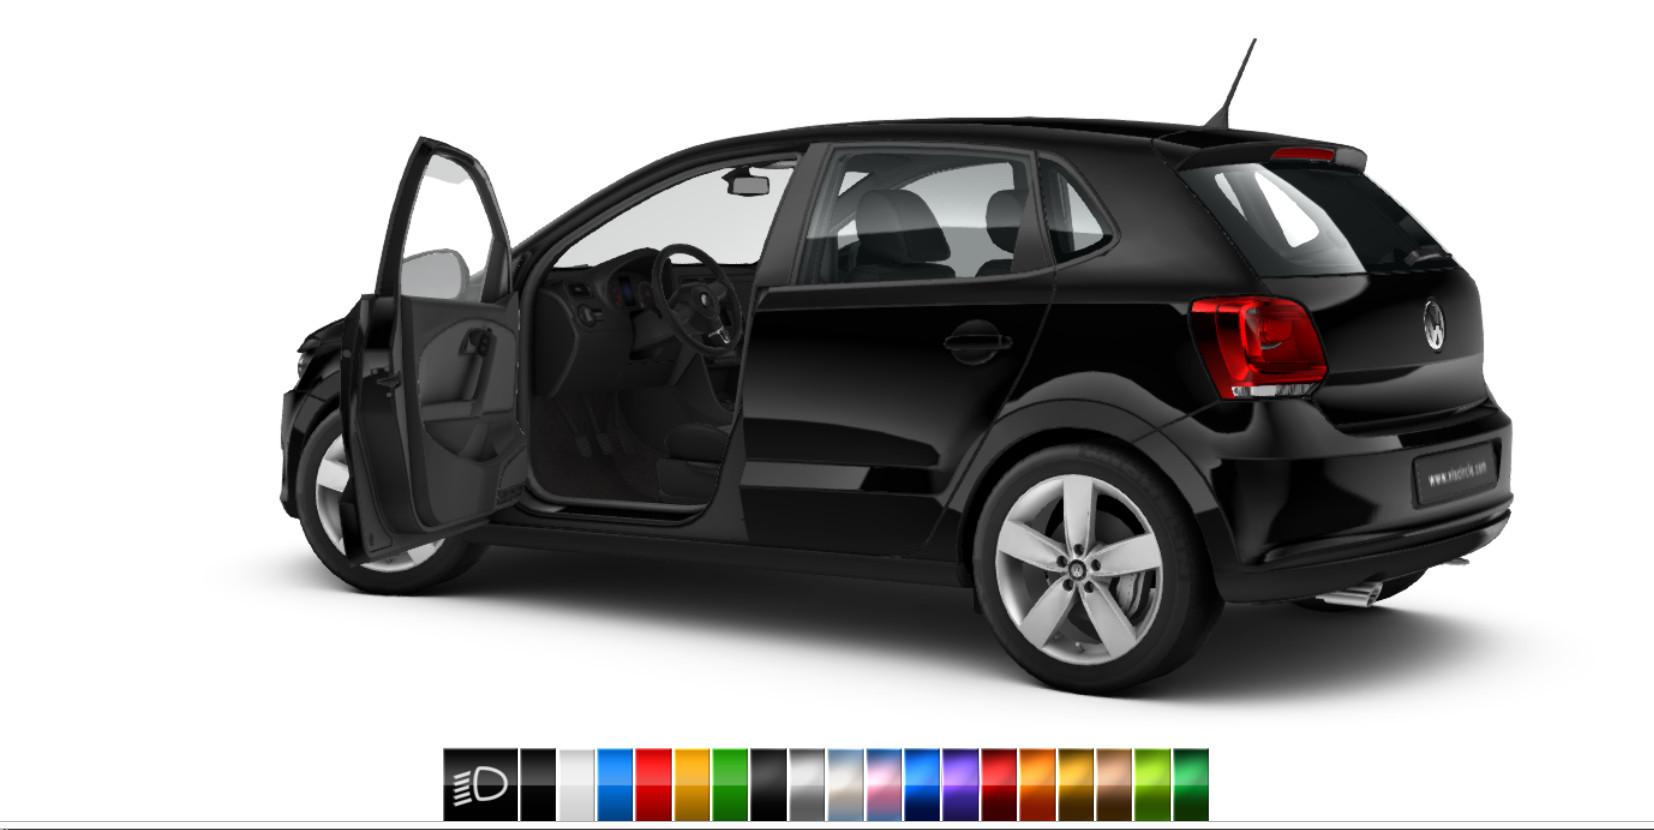 Автомобильные конфигураторы как зеркало революции веб-технологий - 8